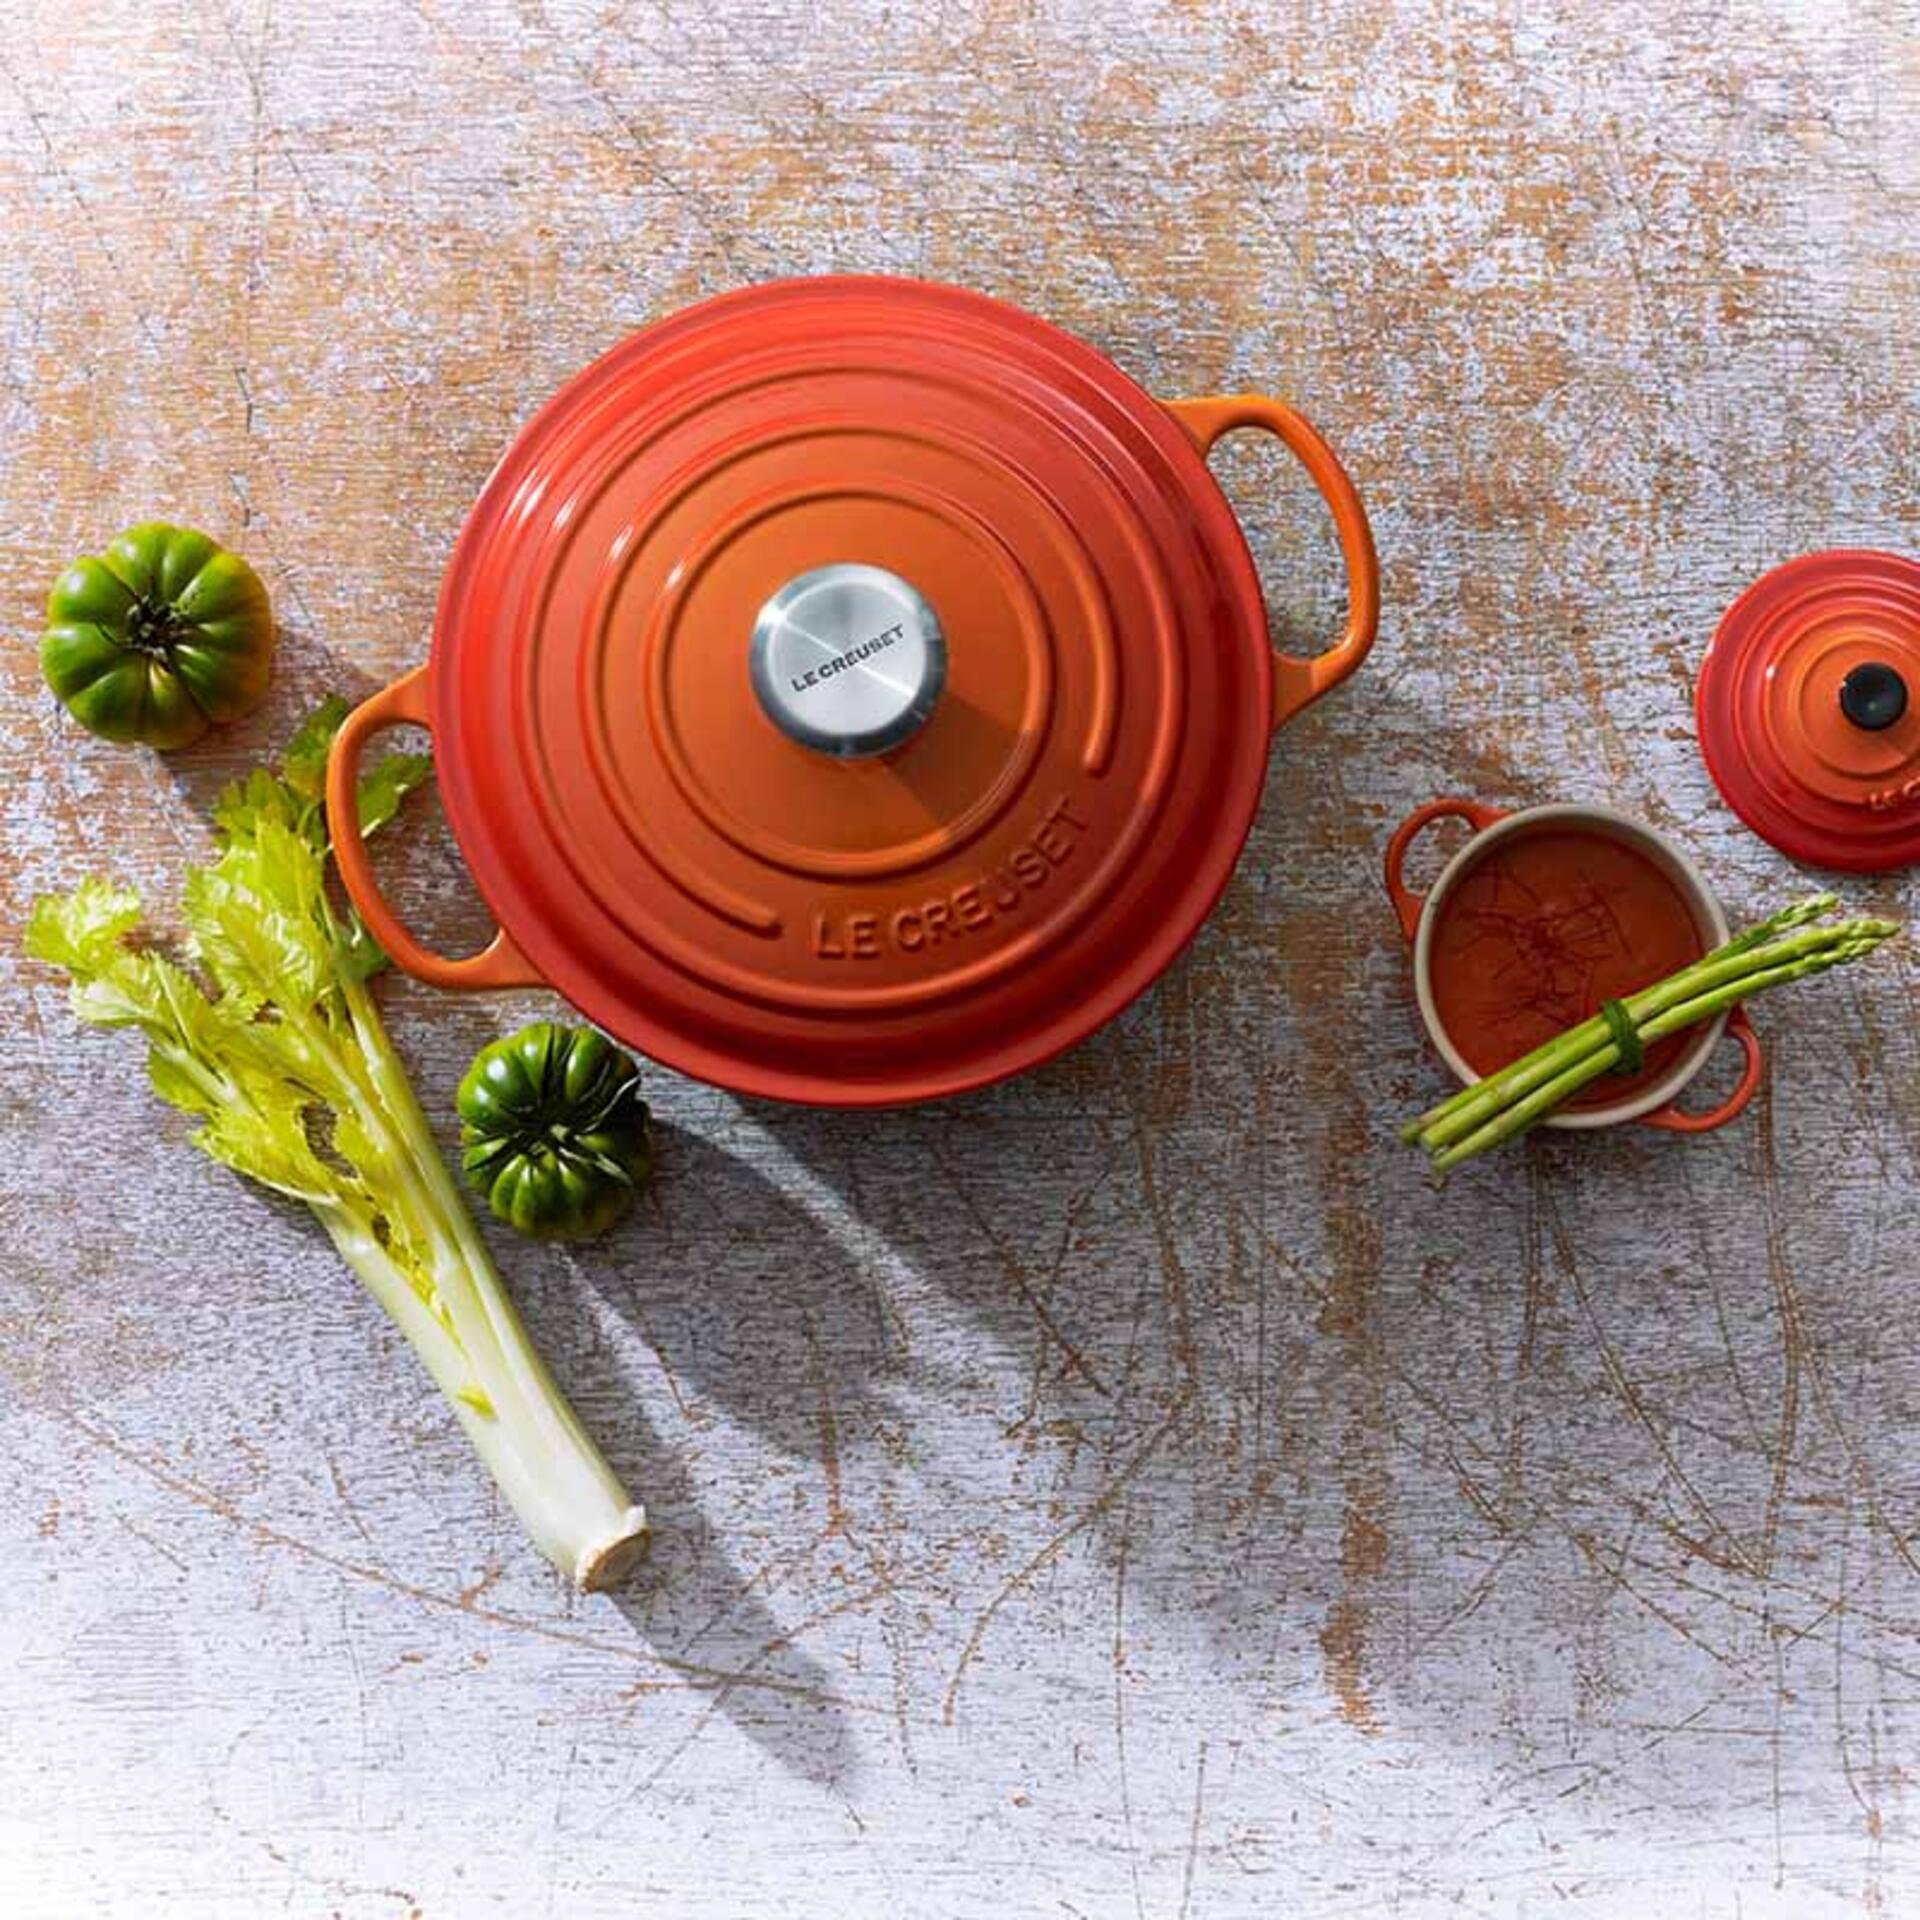 Le Creuset Gourmet-Bräter Signature 30 cm rund Citrus 3,5 L